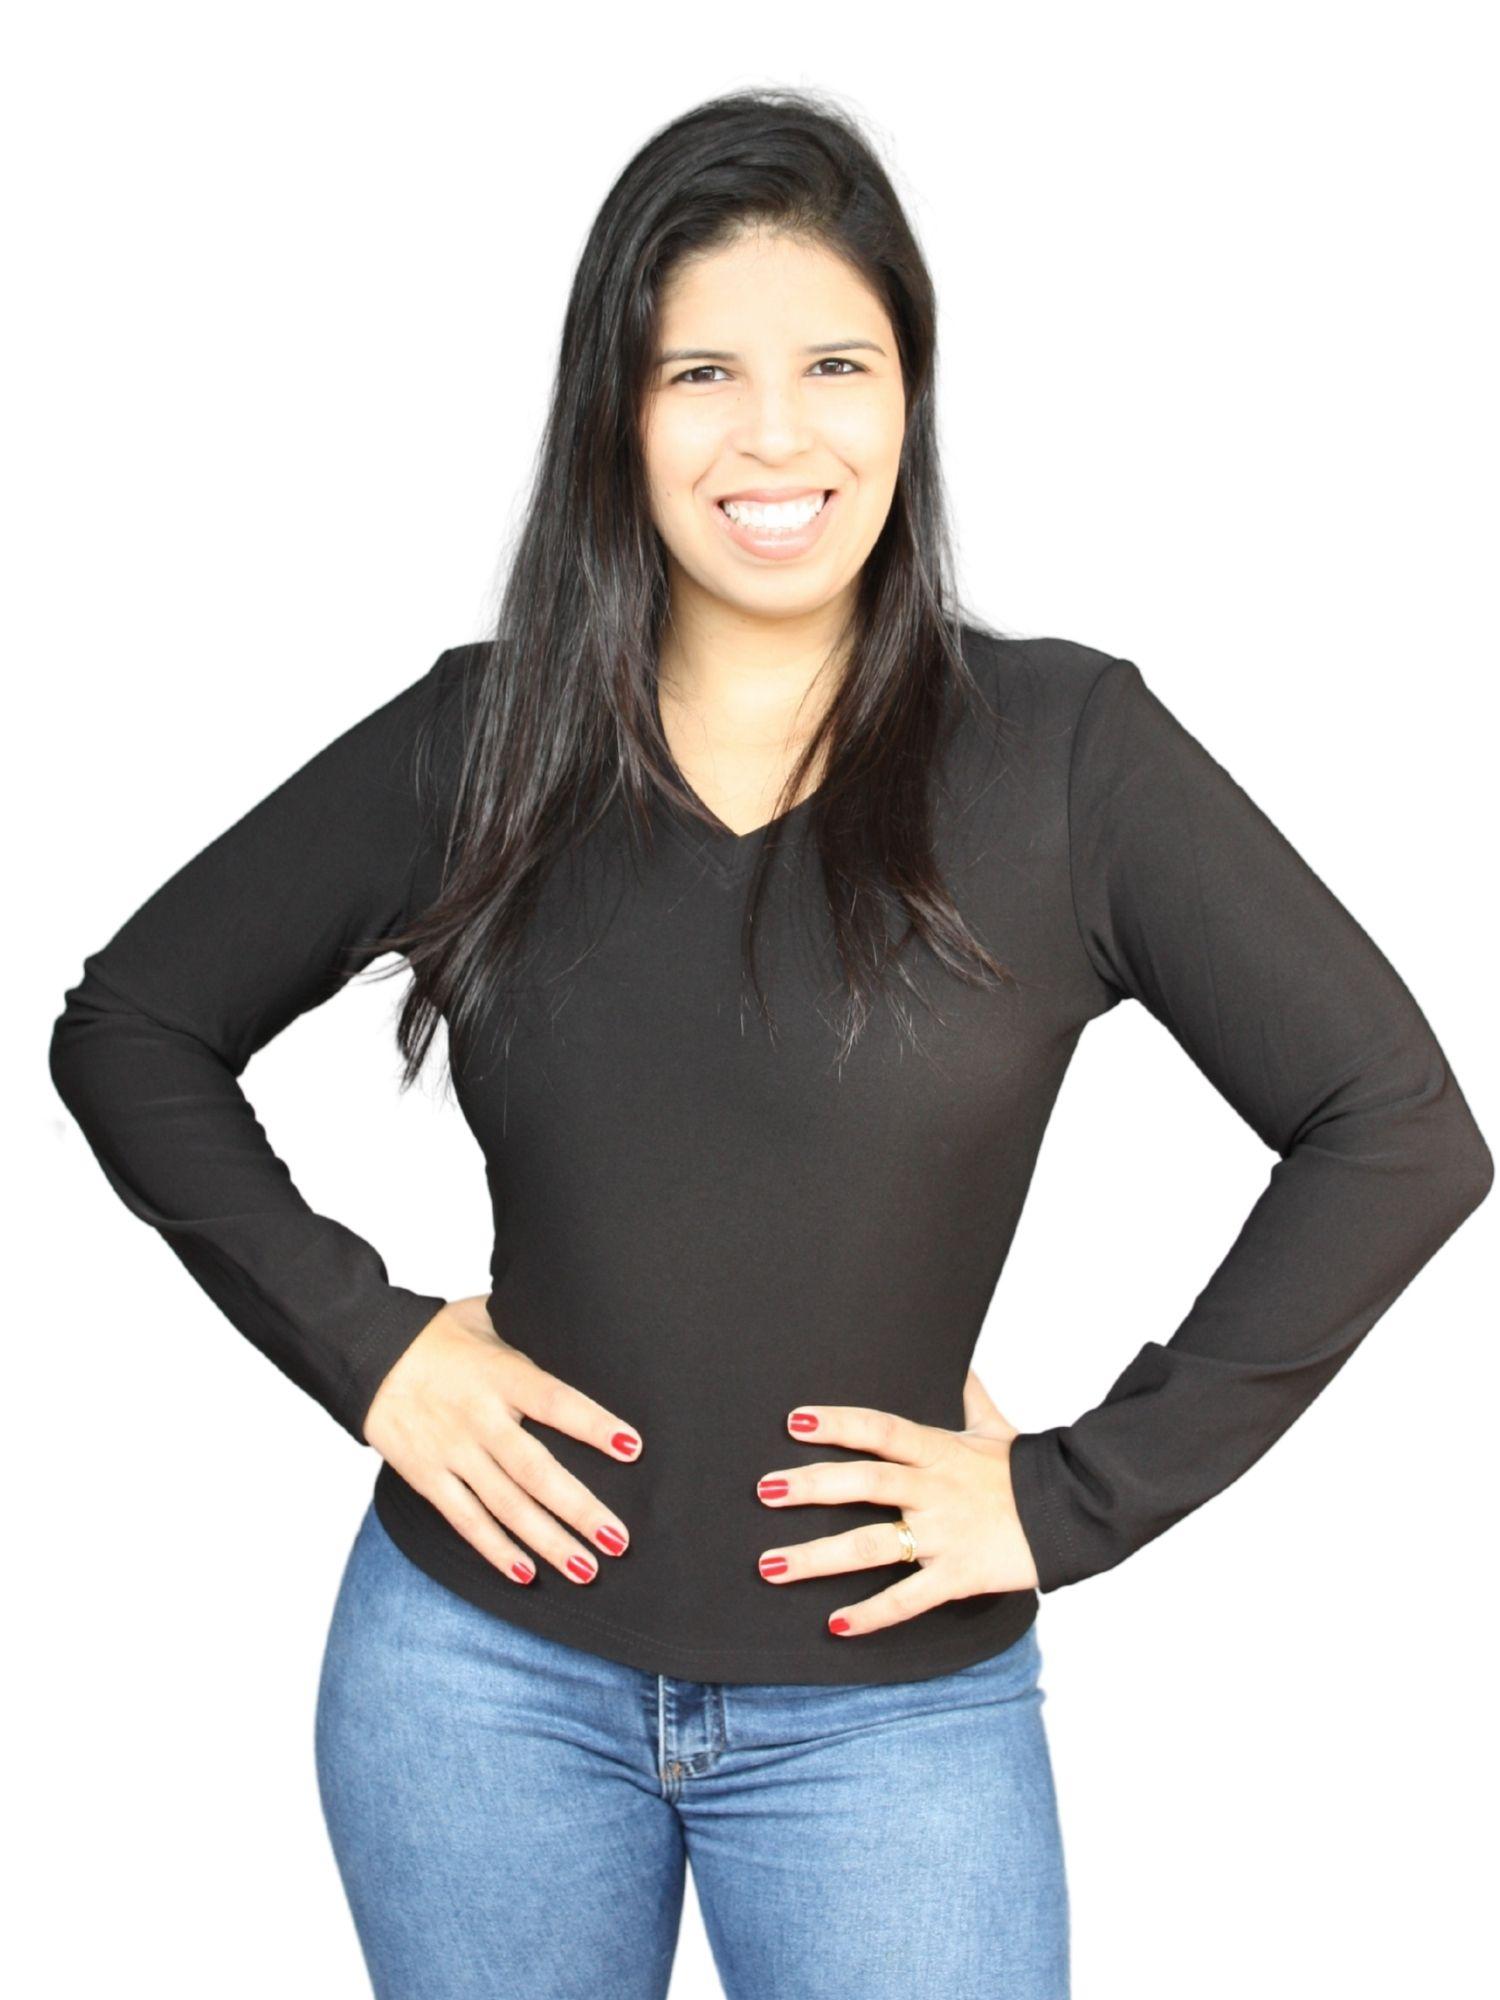 Blusas Termica Peluciada Facinelli  670266